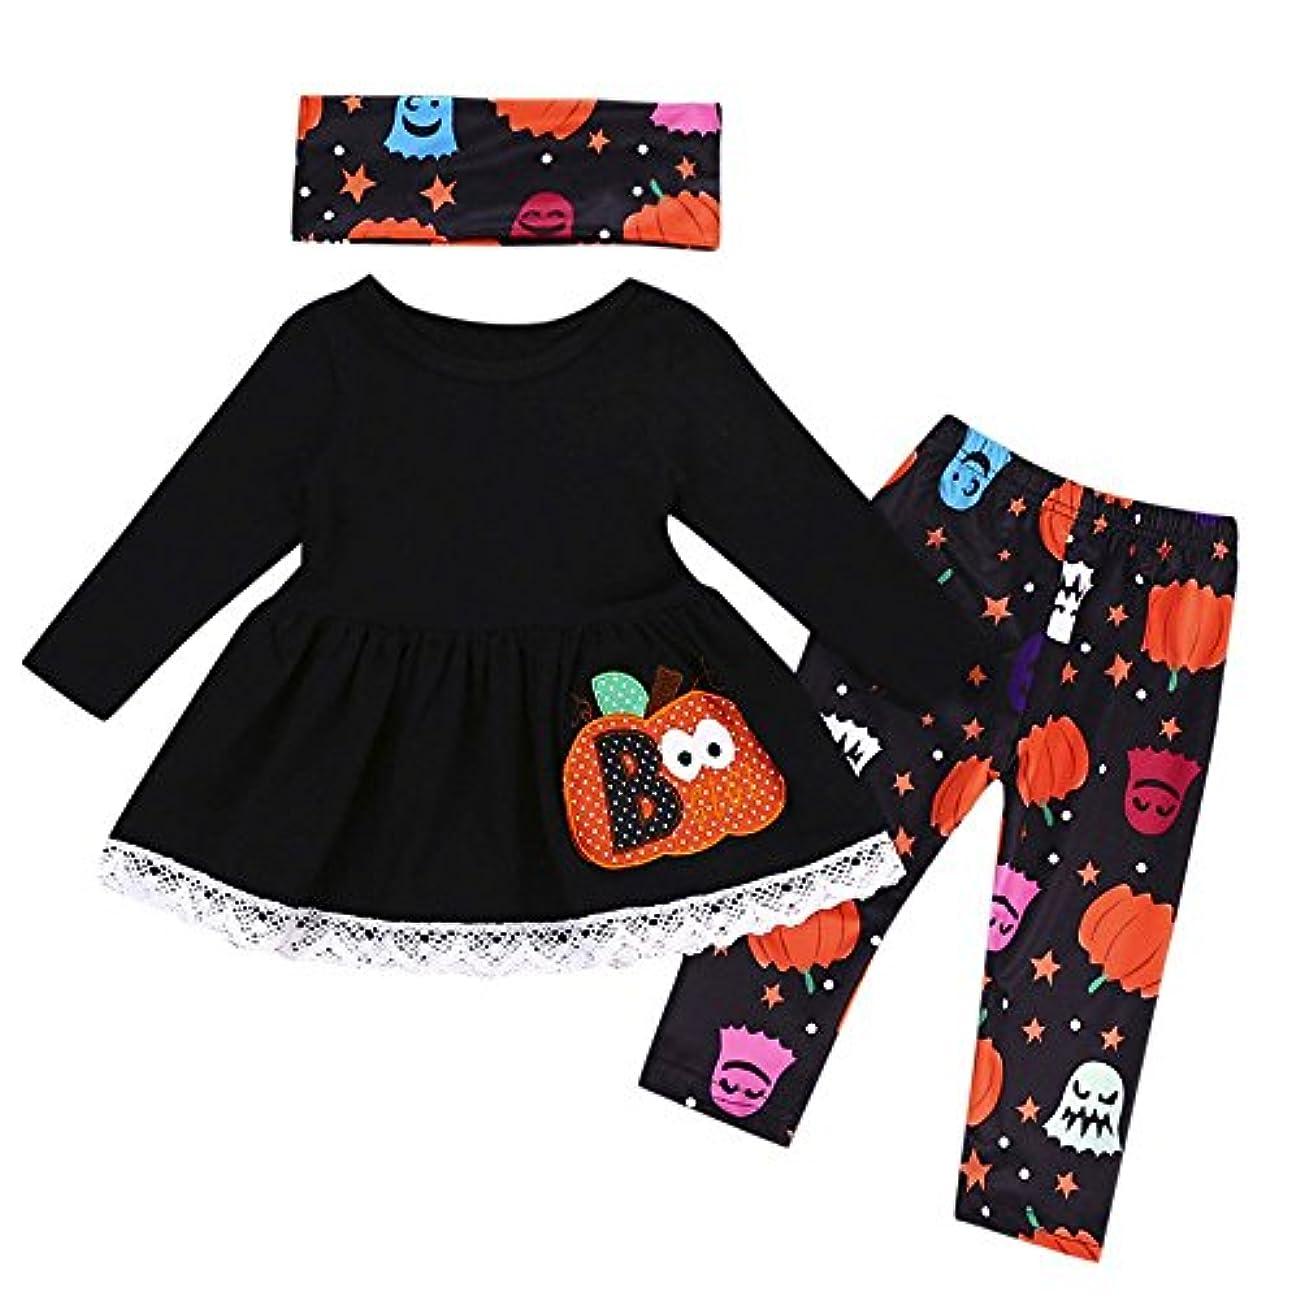 たくさんの分析的子豚BHKK 子供 幼児の女の子のカボチャのトップス+パンツ+スカーフのハロウィーンの装飾の服 12ヶ月 - 4歳 12ヶ月